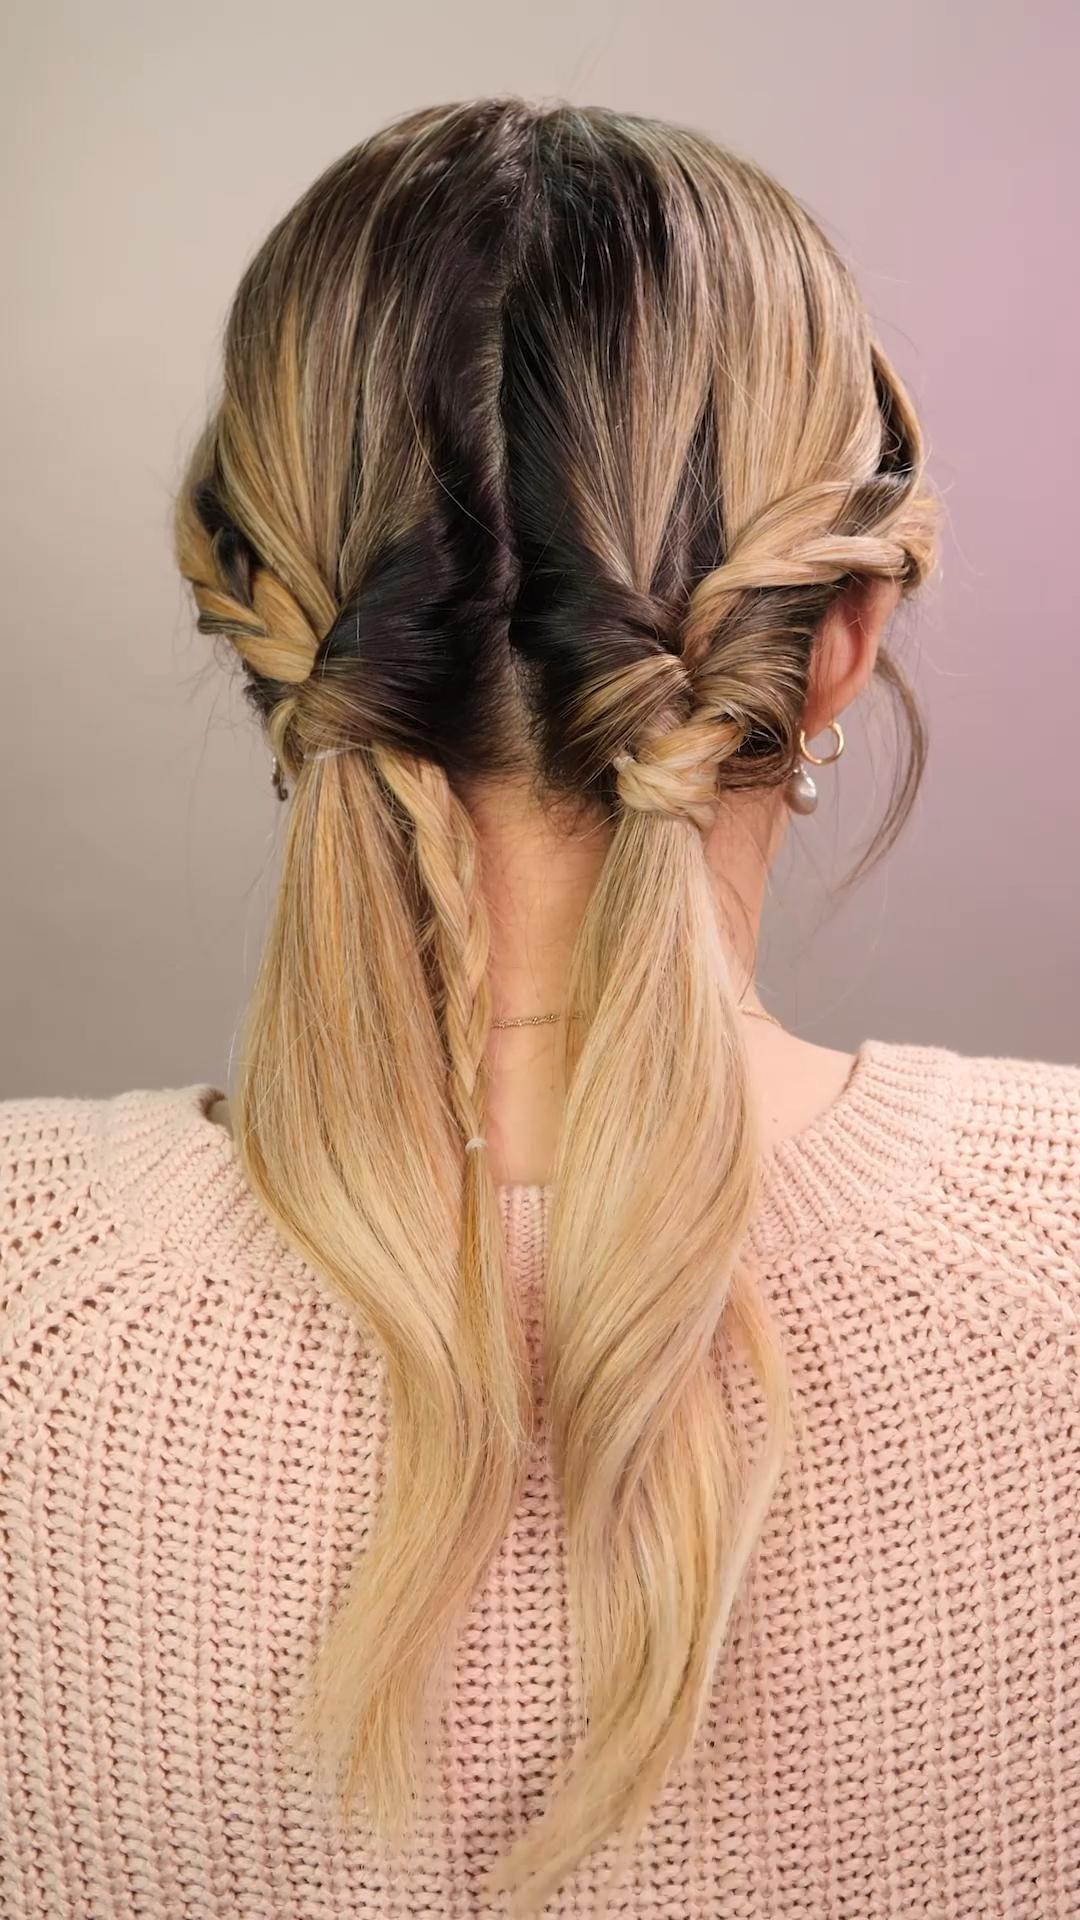 15 Peinados sencillos que puedes usar para la uni y la oficina